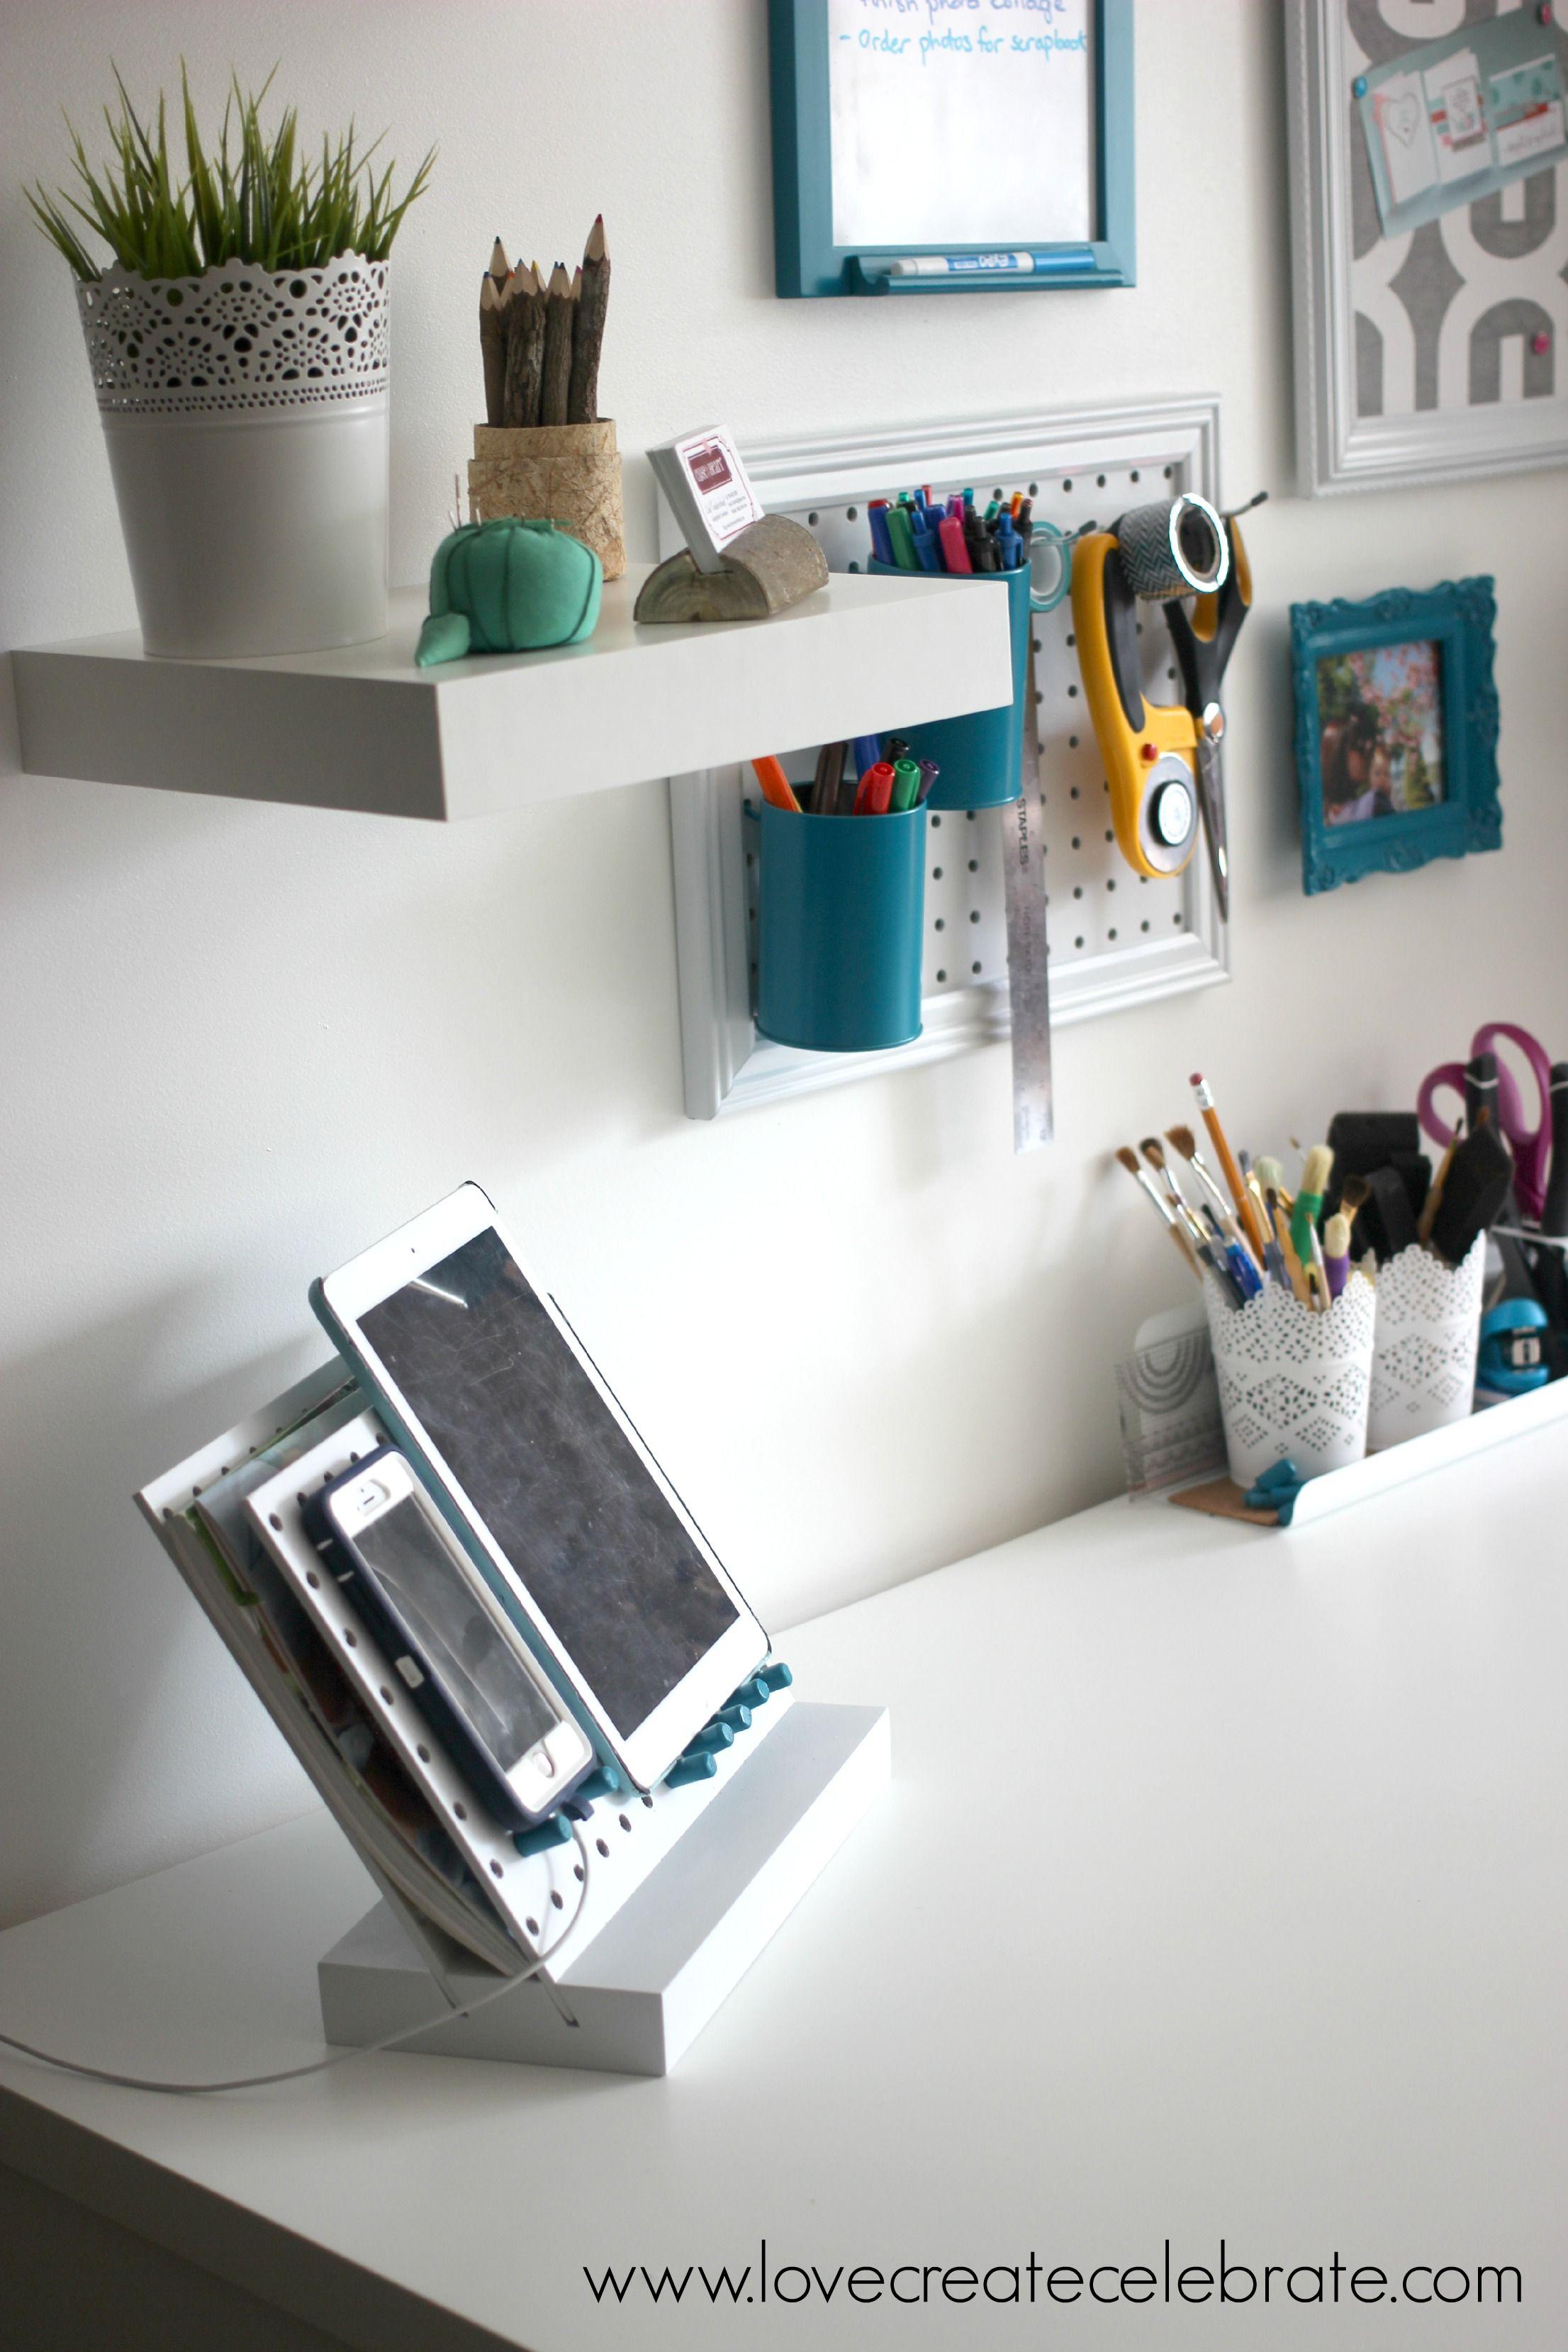 Peg Board Desk Organizer Love Create Celebrate Ideias De Decoracao Apartamento Ideias De Decoracao E Organizacao Ideias De Decoracao